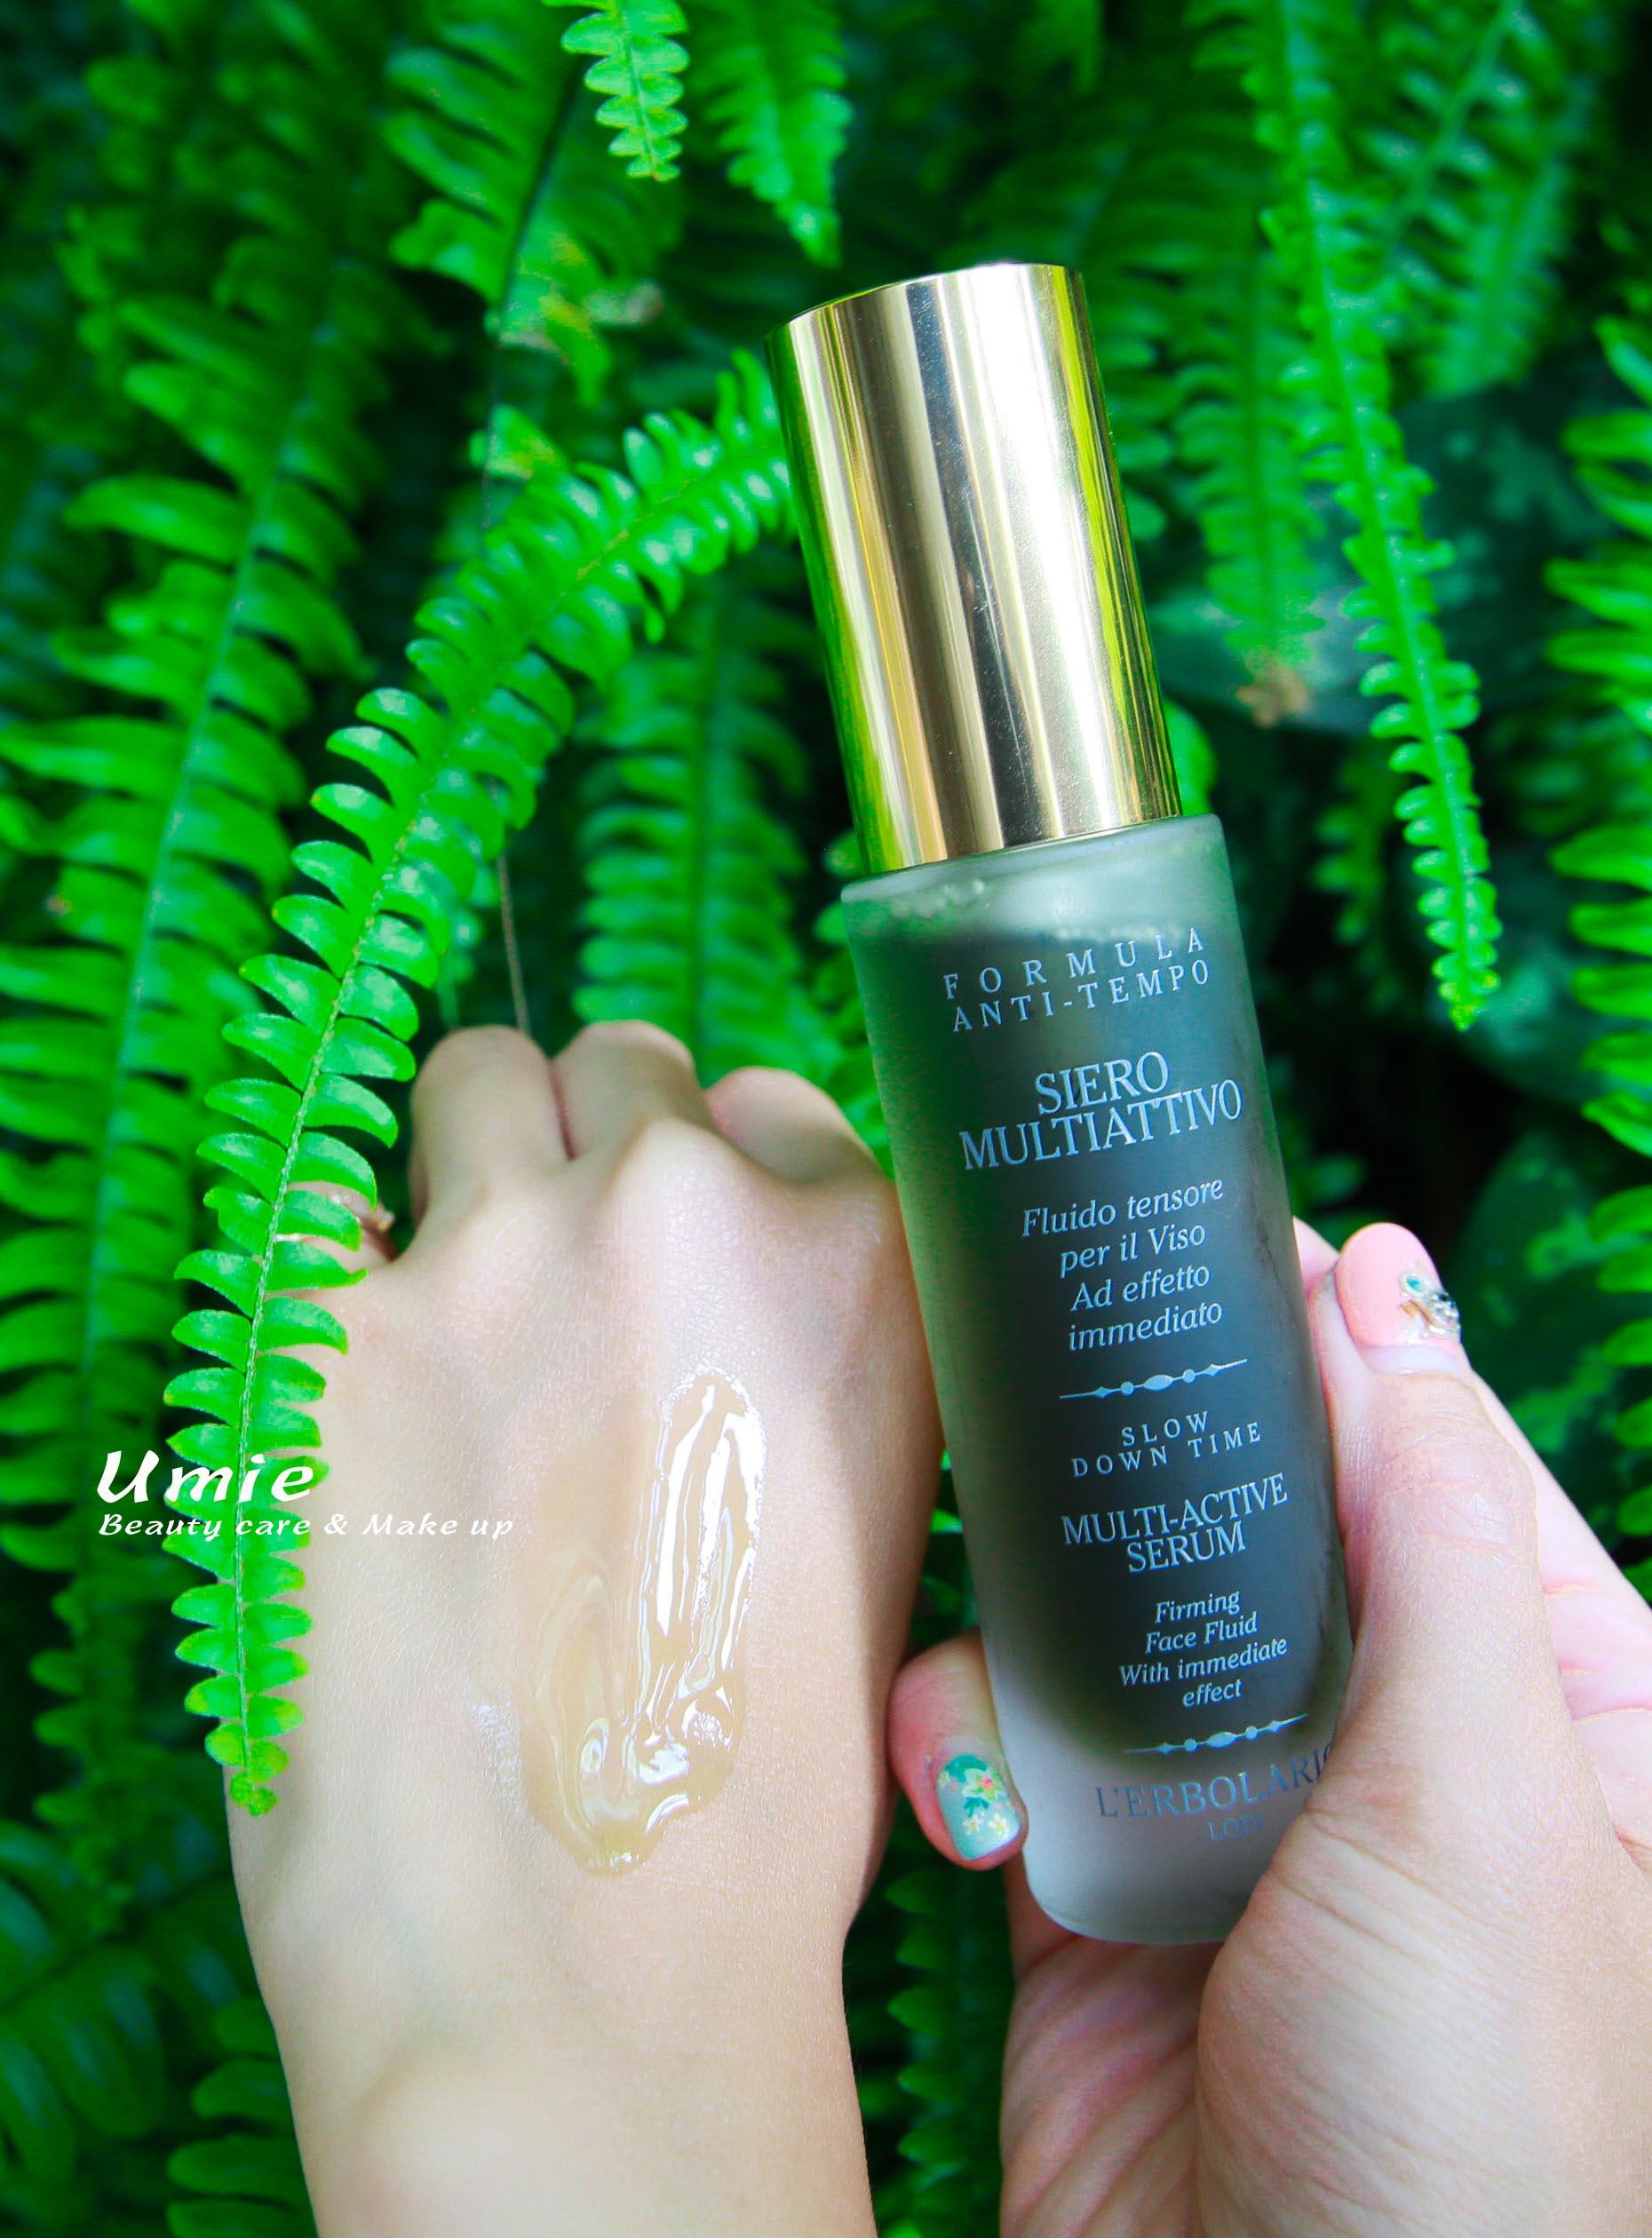 義大利必買|頂級草本品牌 蕾莉歐 L'ERBOLARIO 「海藻多元植物精華保濕液」打造逆齡系女子 :)